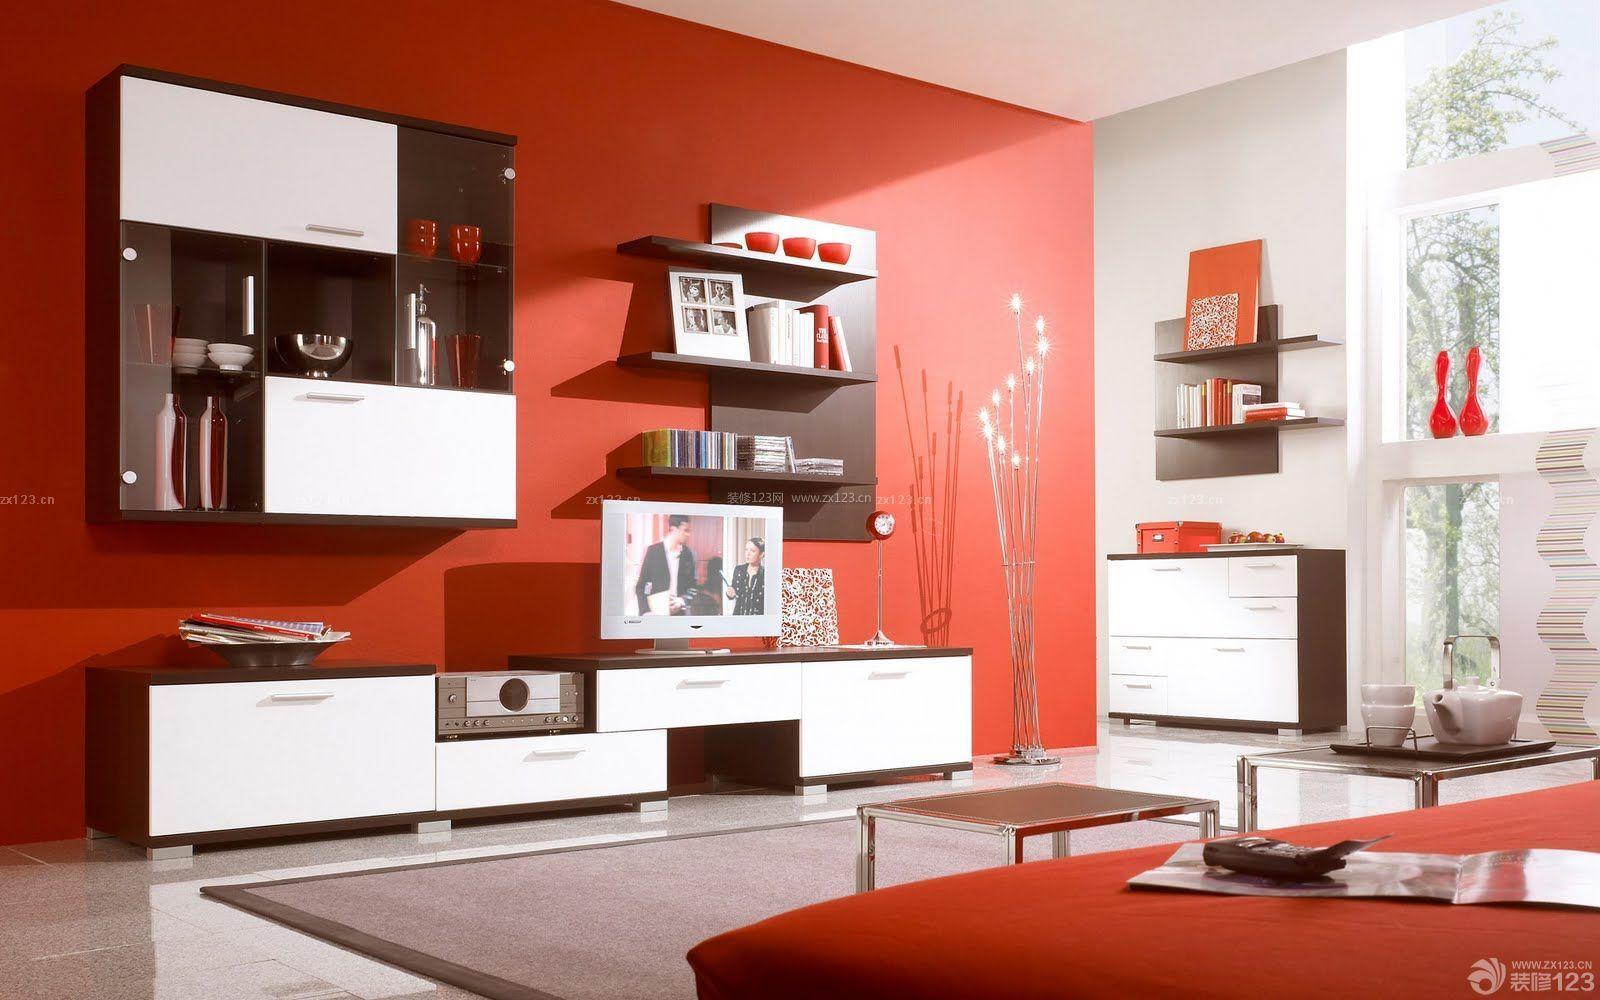 80平米两房两厅红色墙面装修效果图